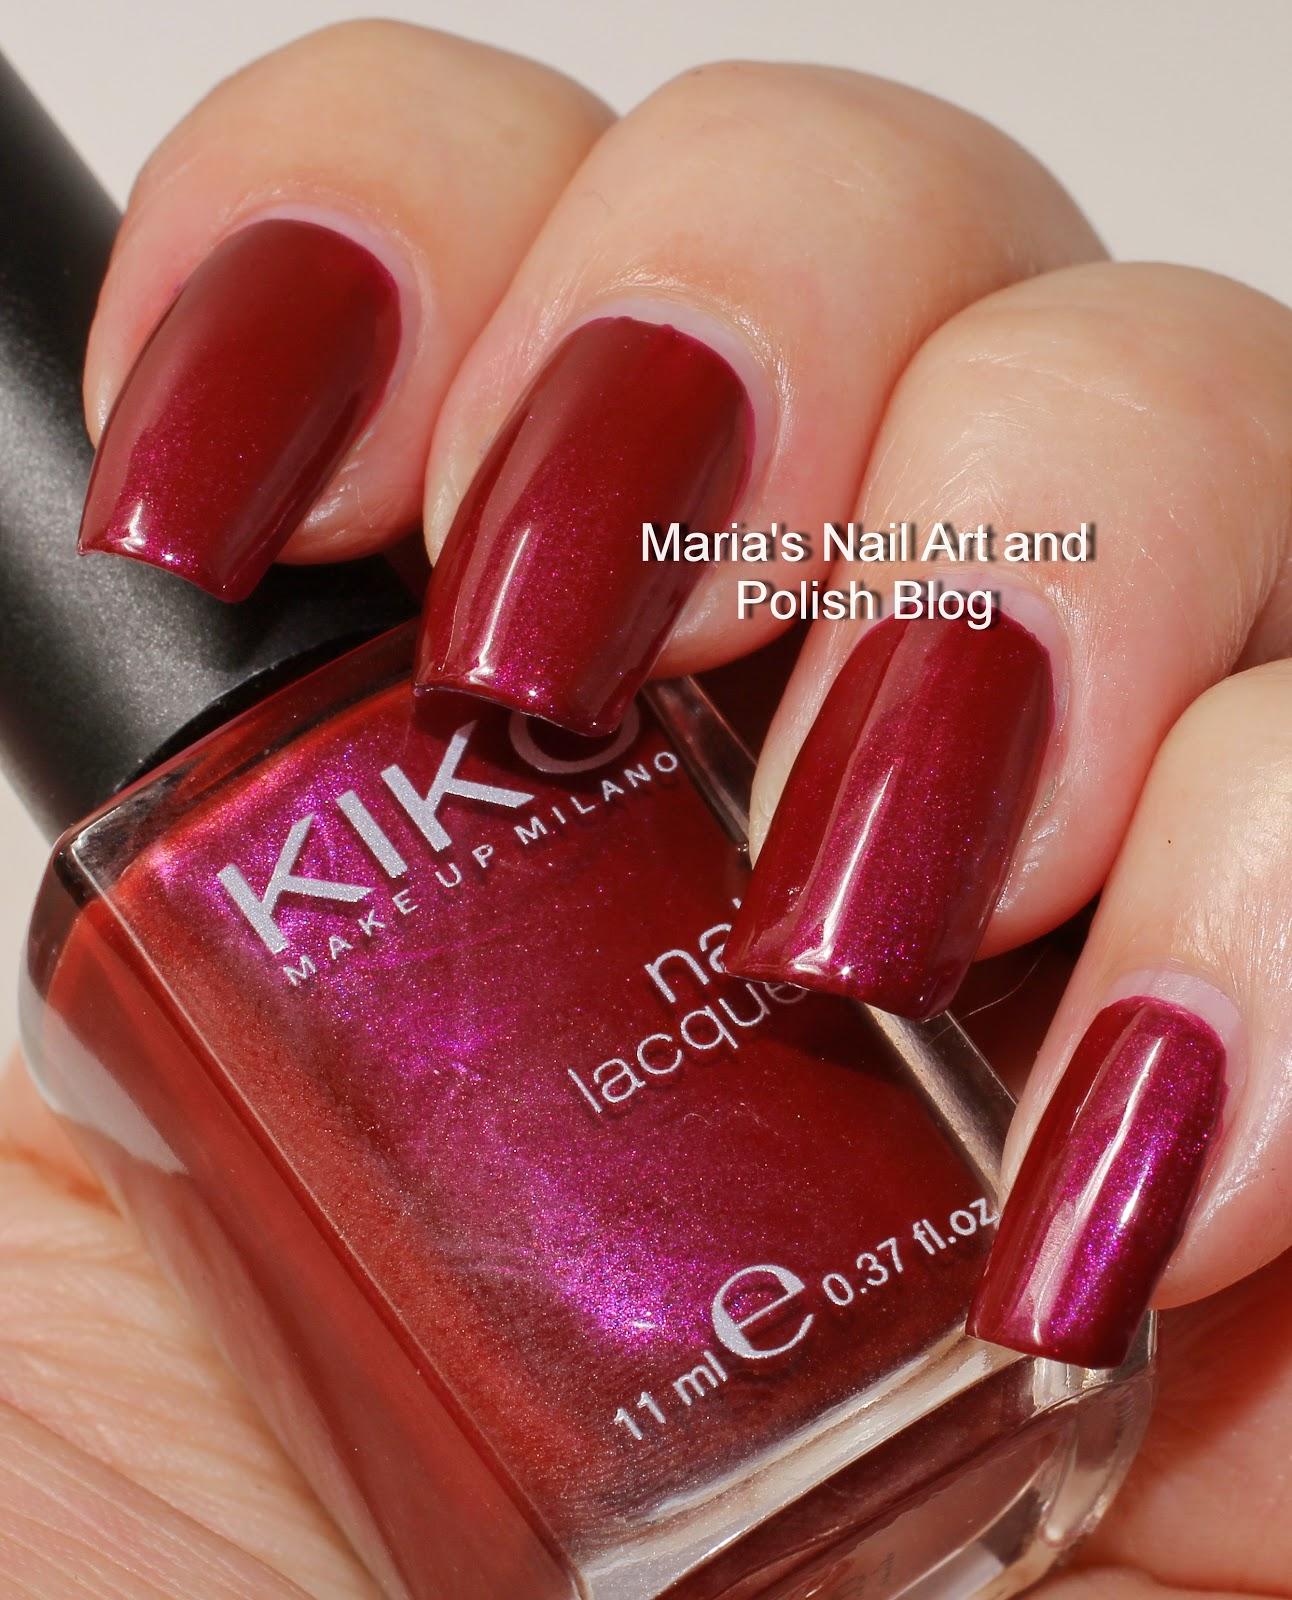 Marias Nail Art and Polish Blog: Kiko 343 Spring Green and 498 ...